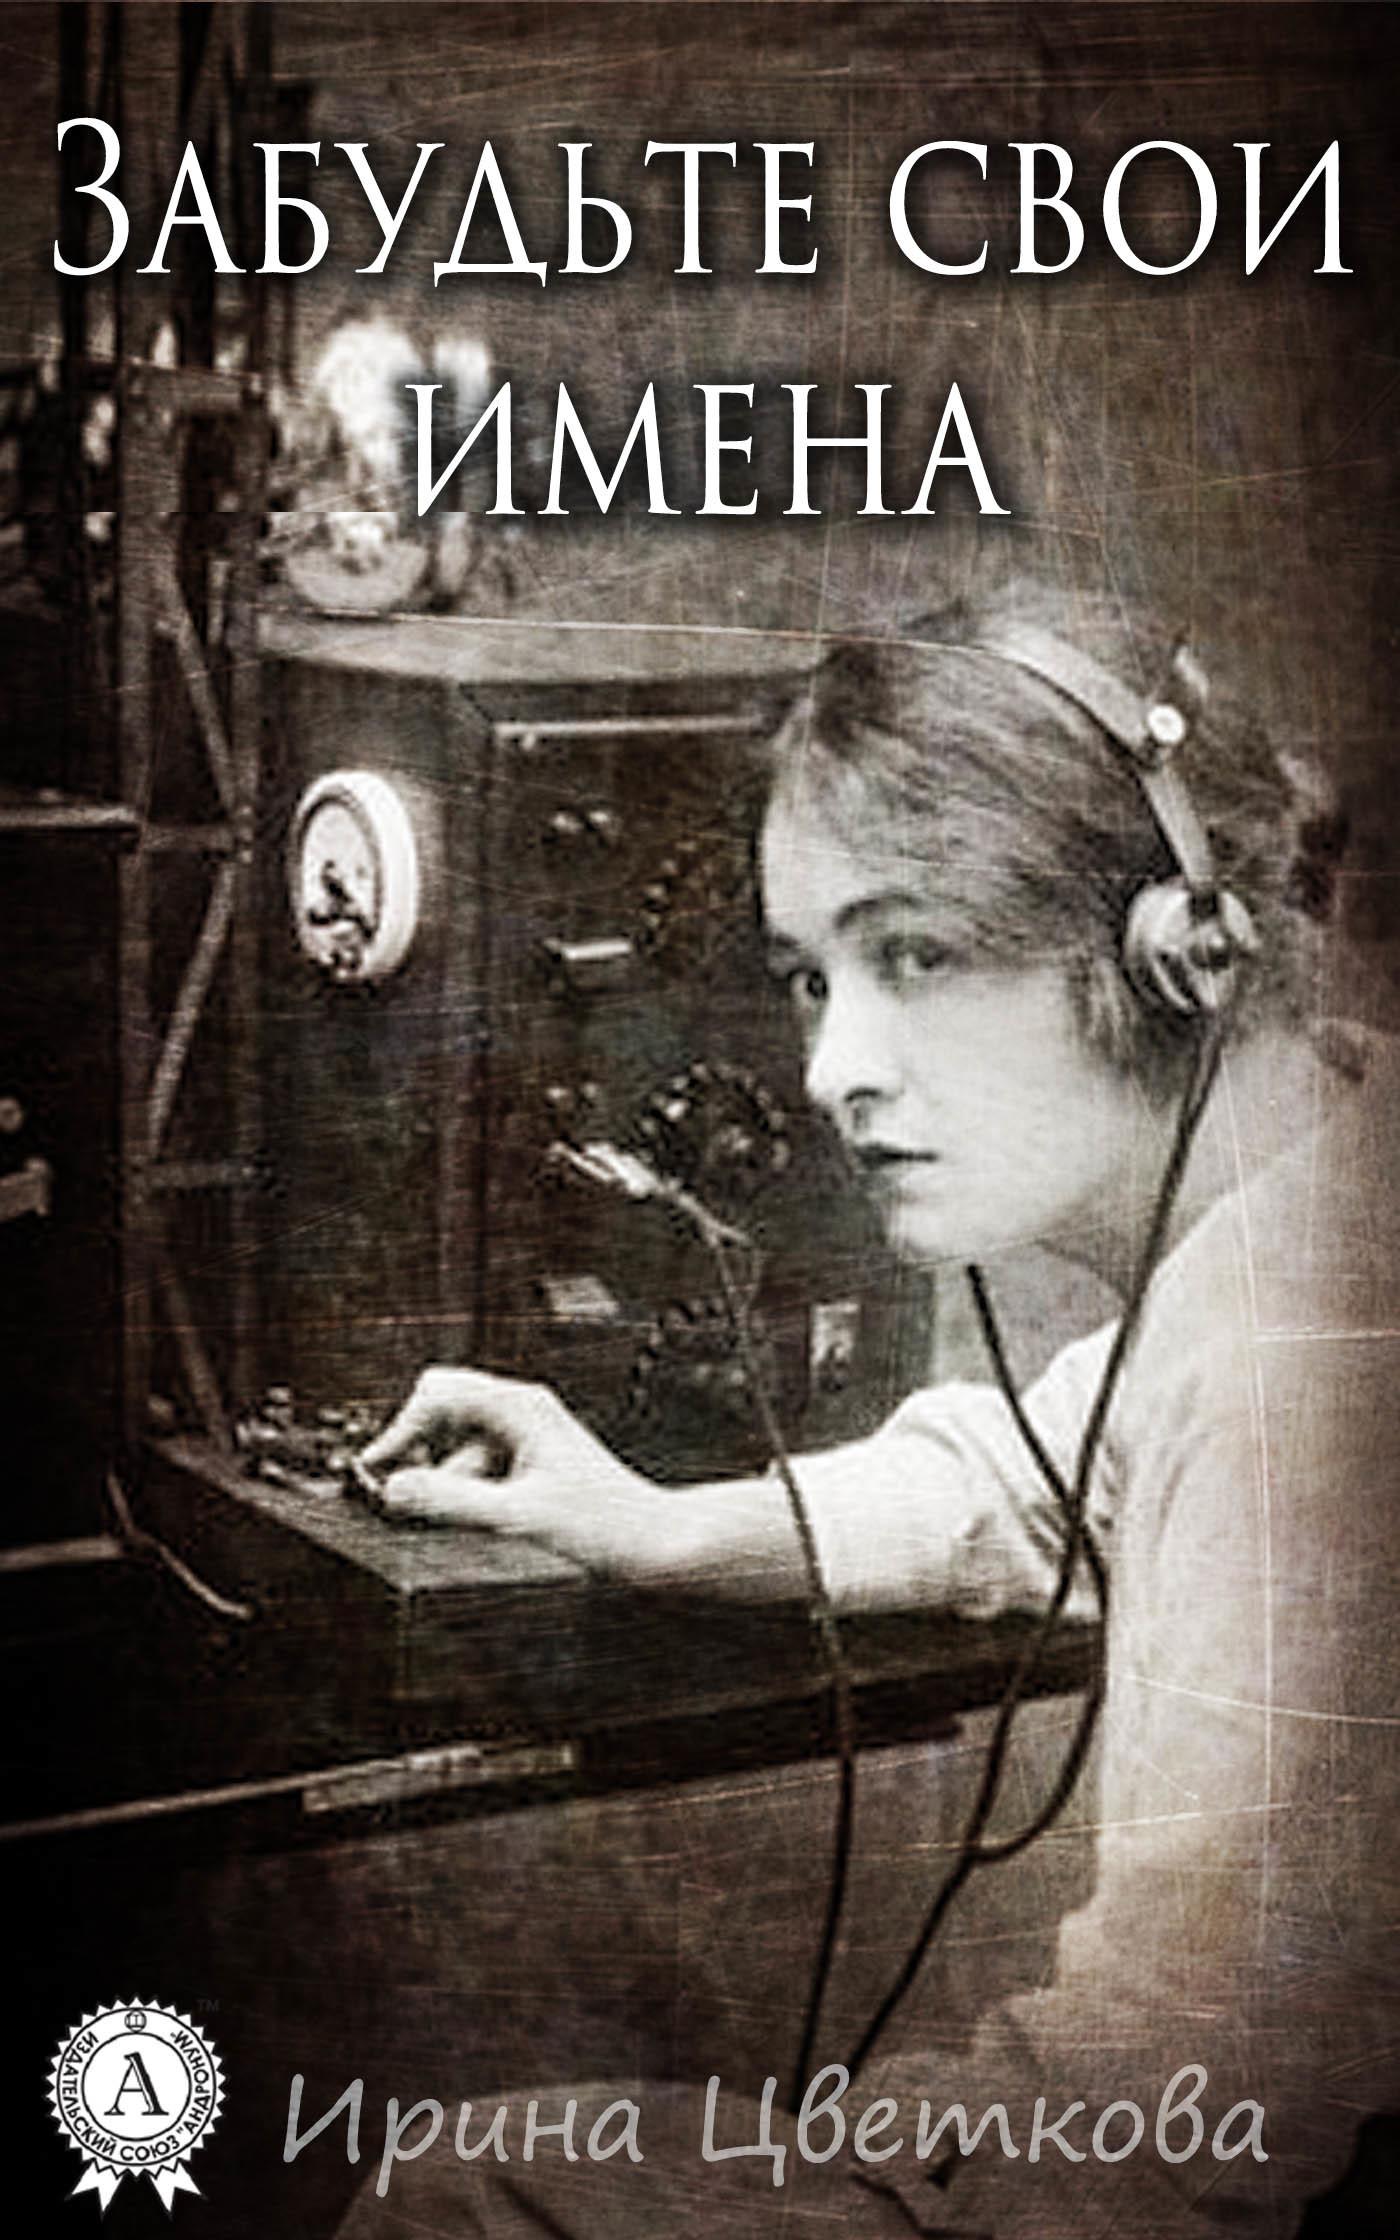 Ирина Цветкова - Забудьте свои имена